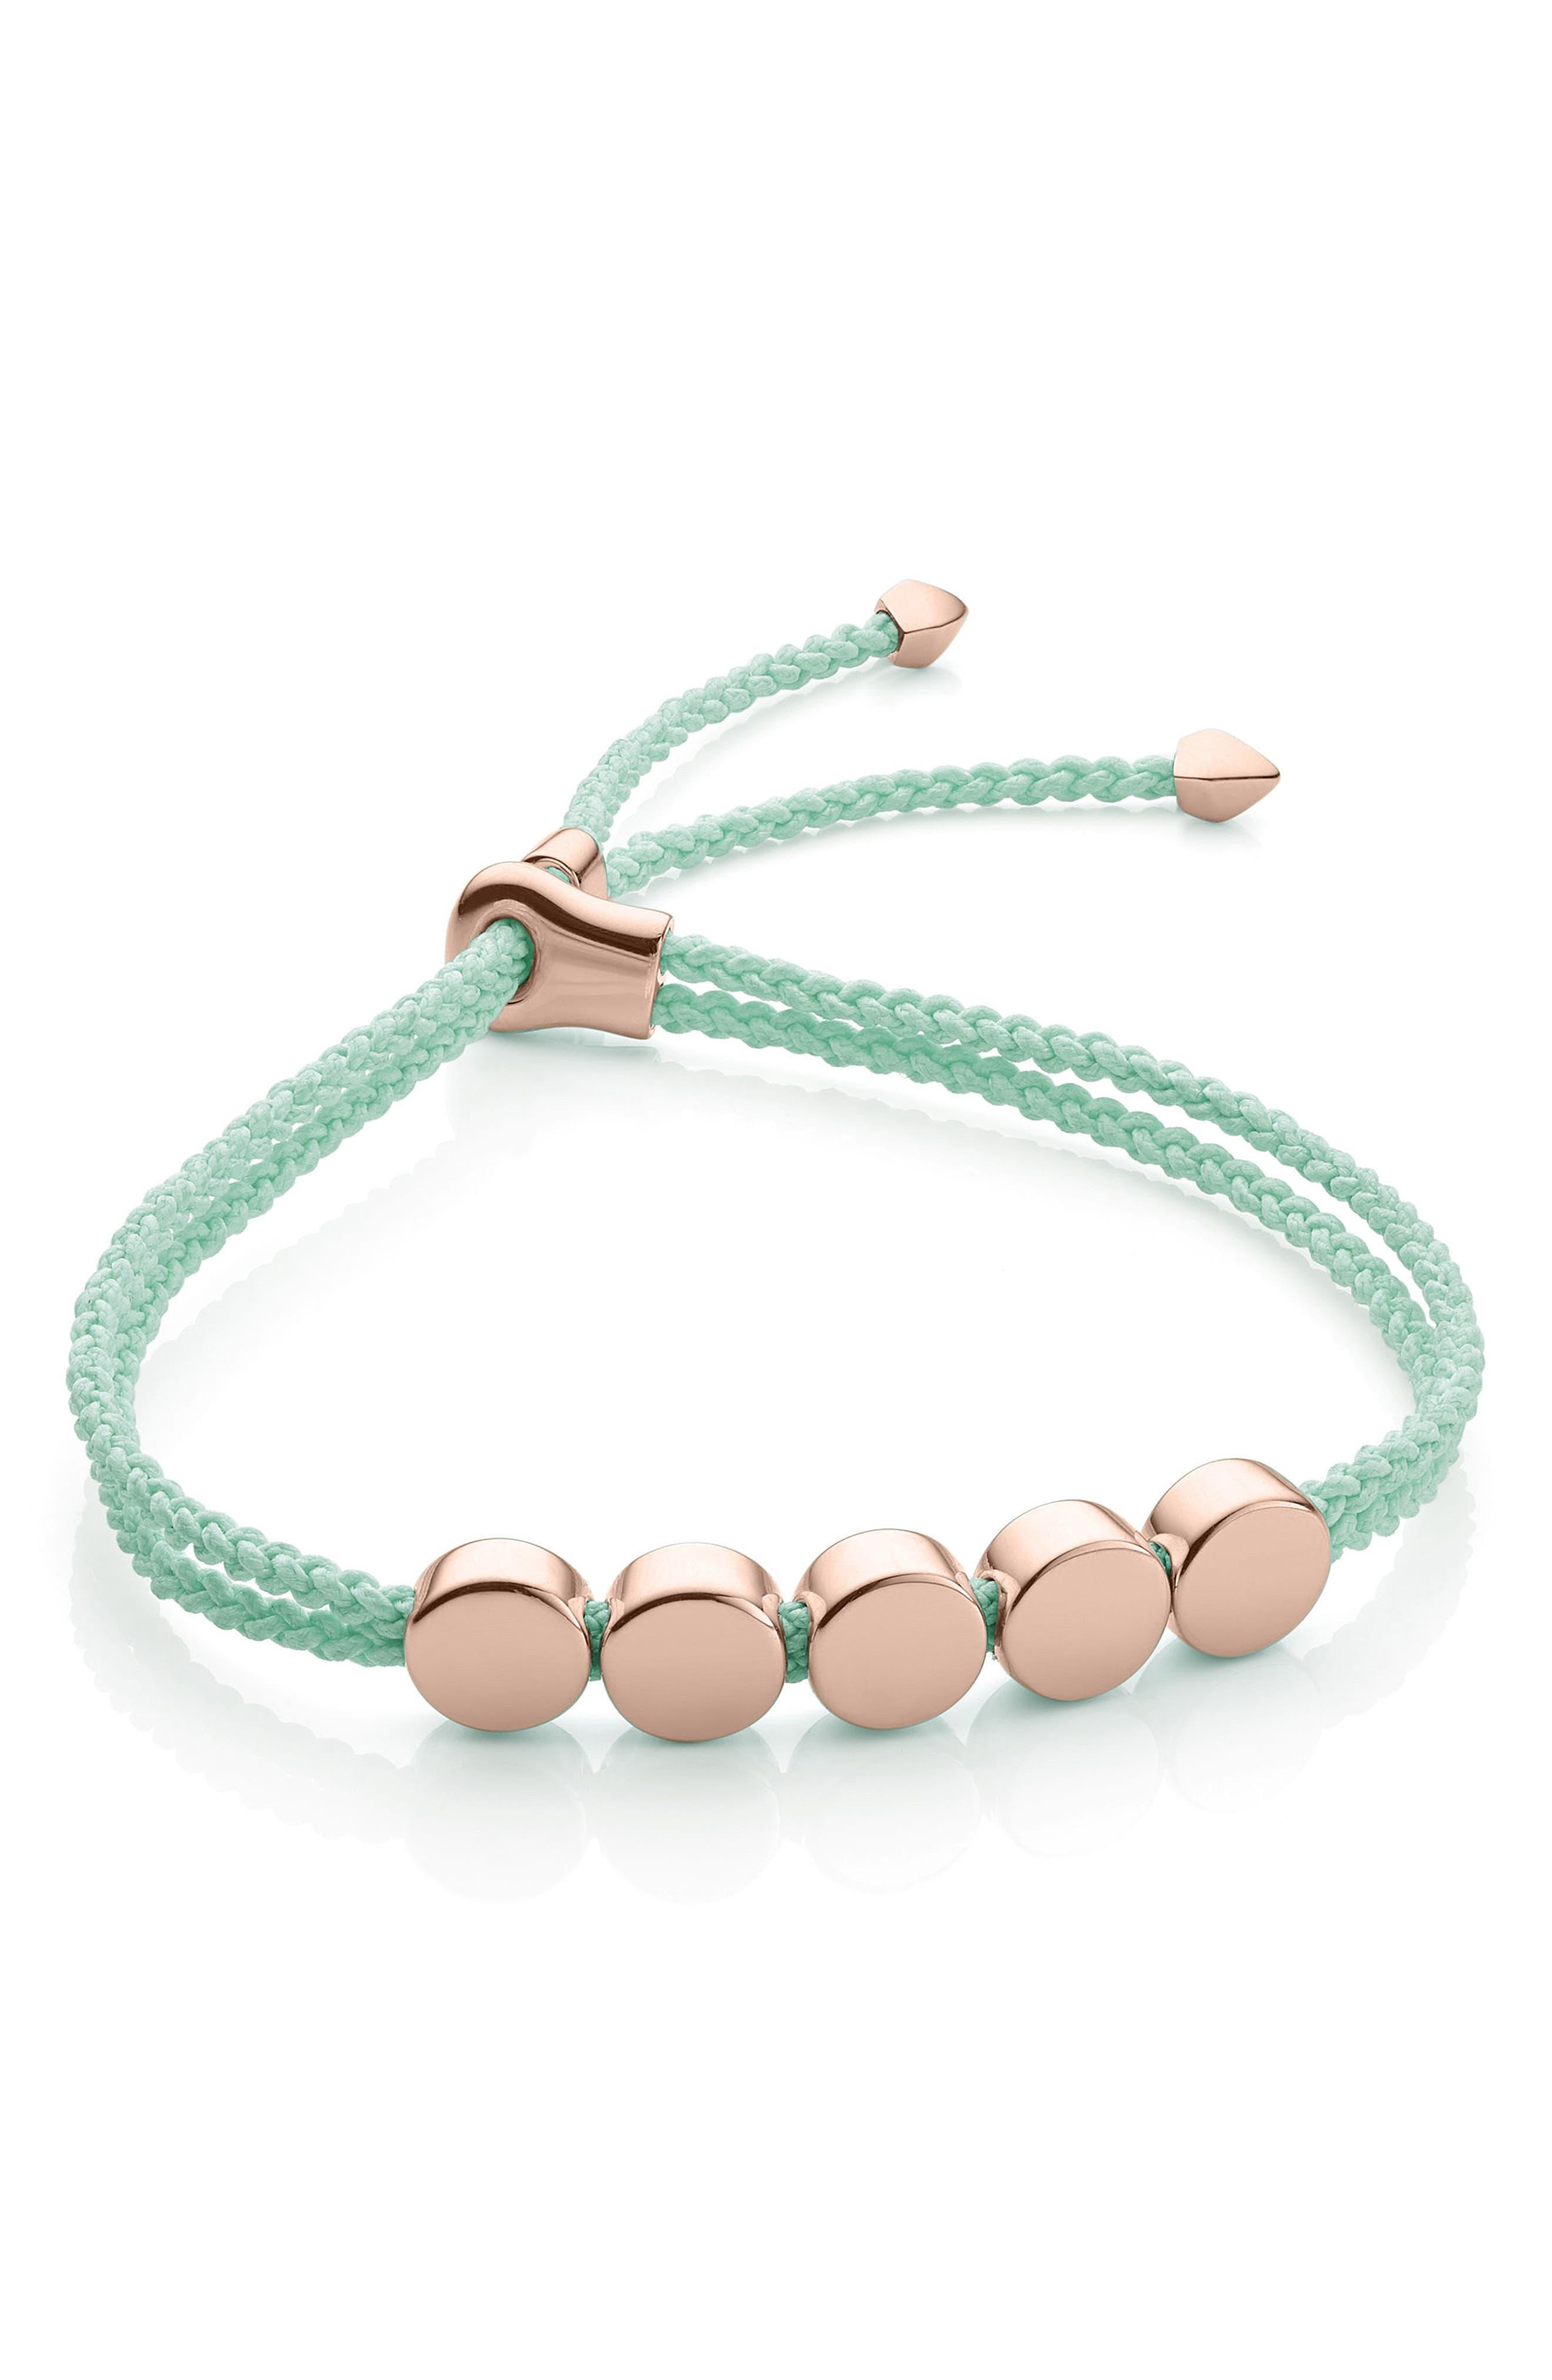 Monica Vinader Linear Bead Friendship Bracelet